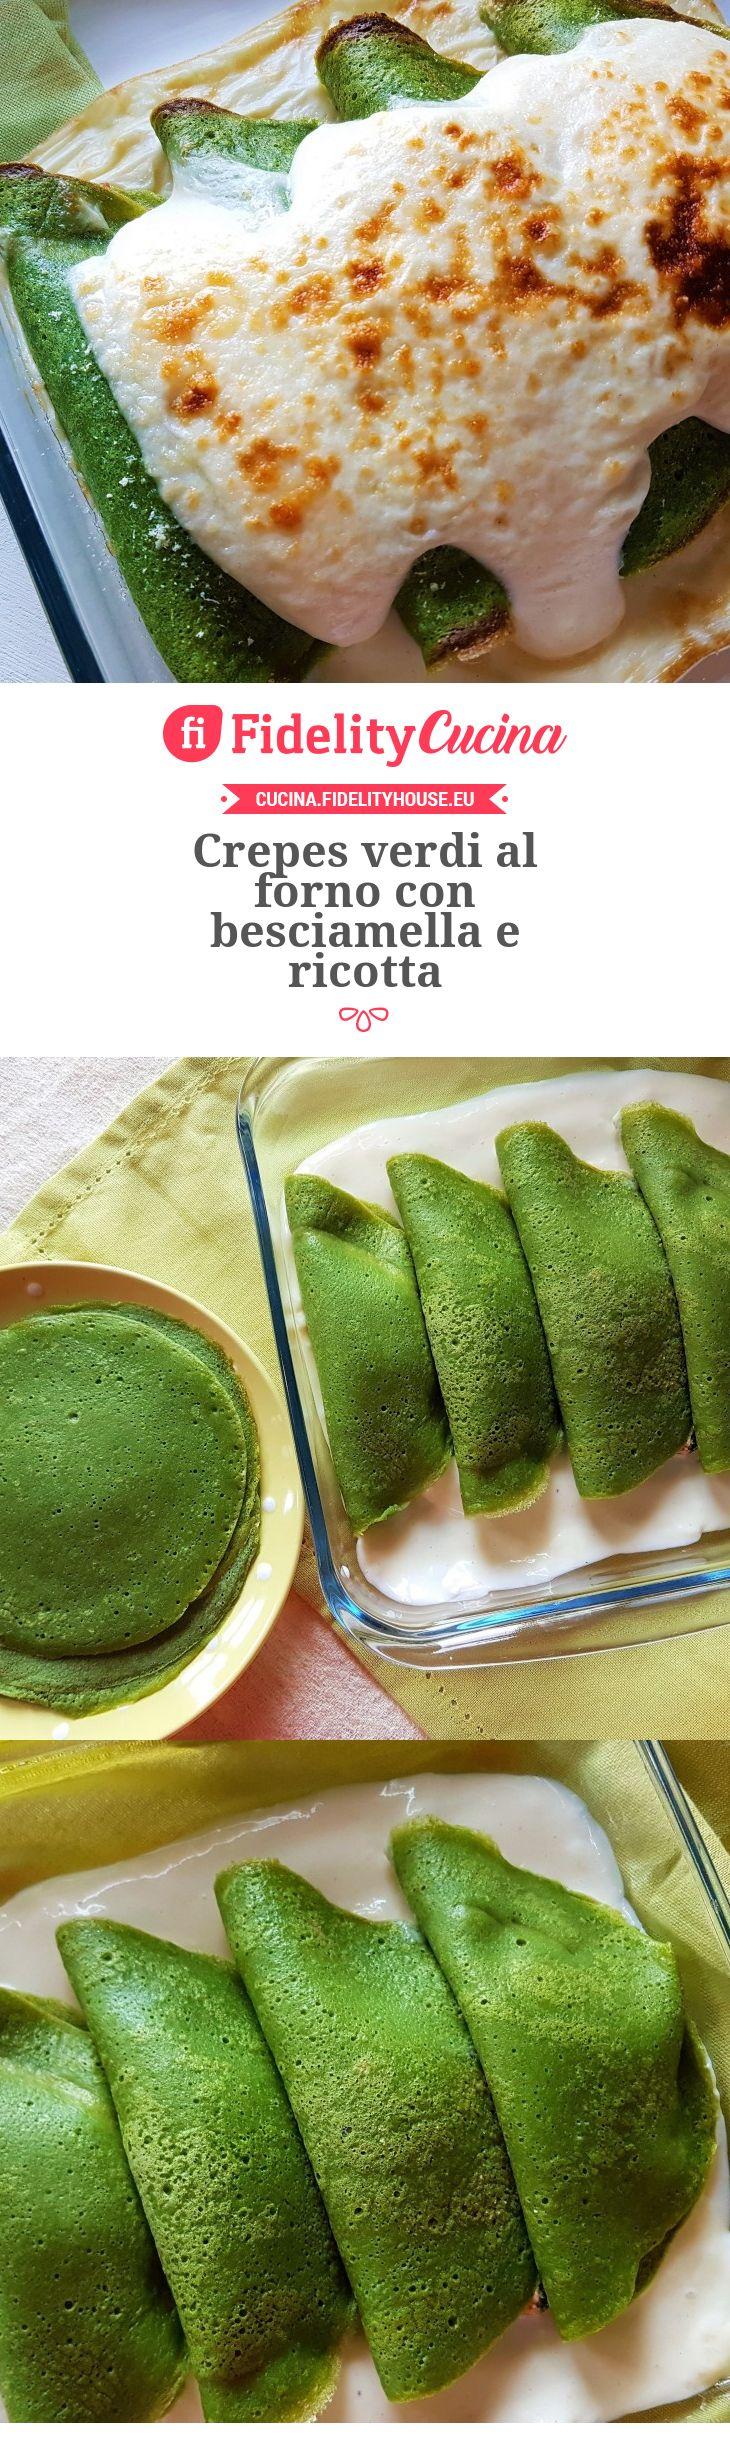 Crepes verdi al forno con besciamella e ricotta